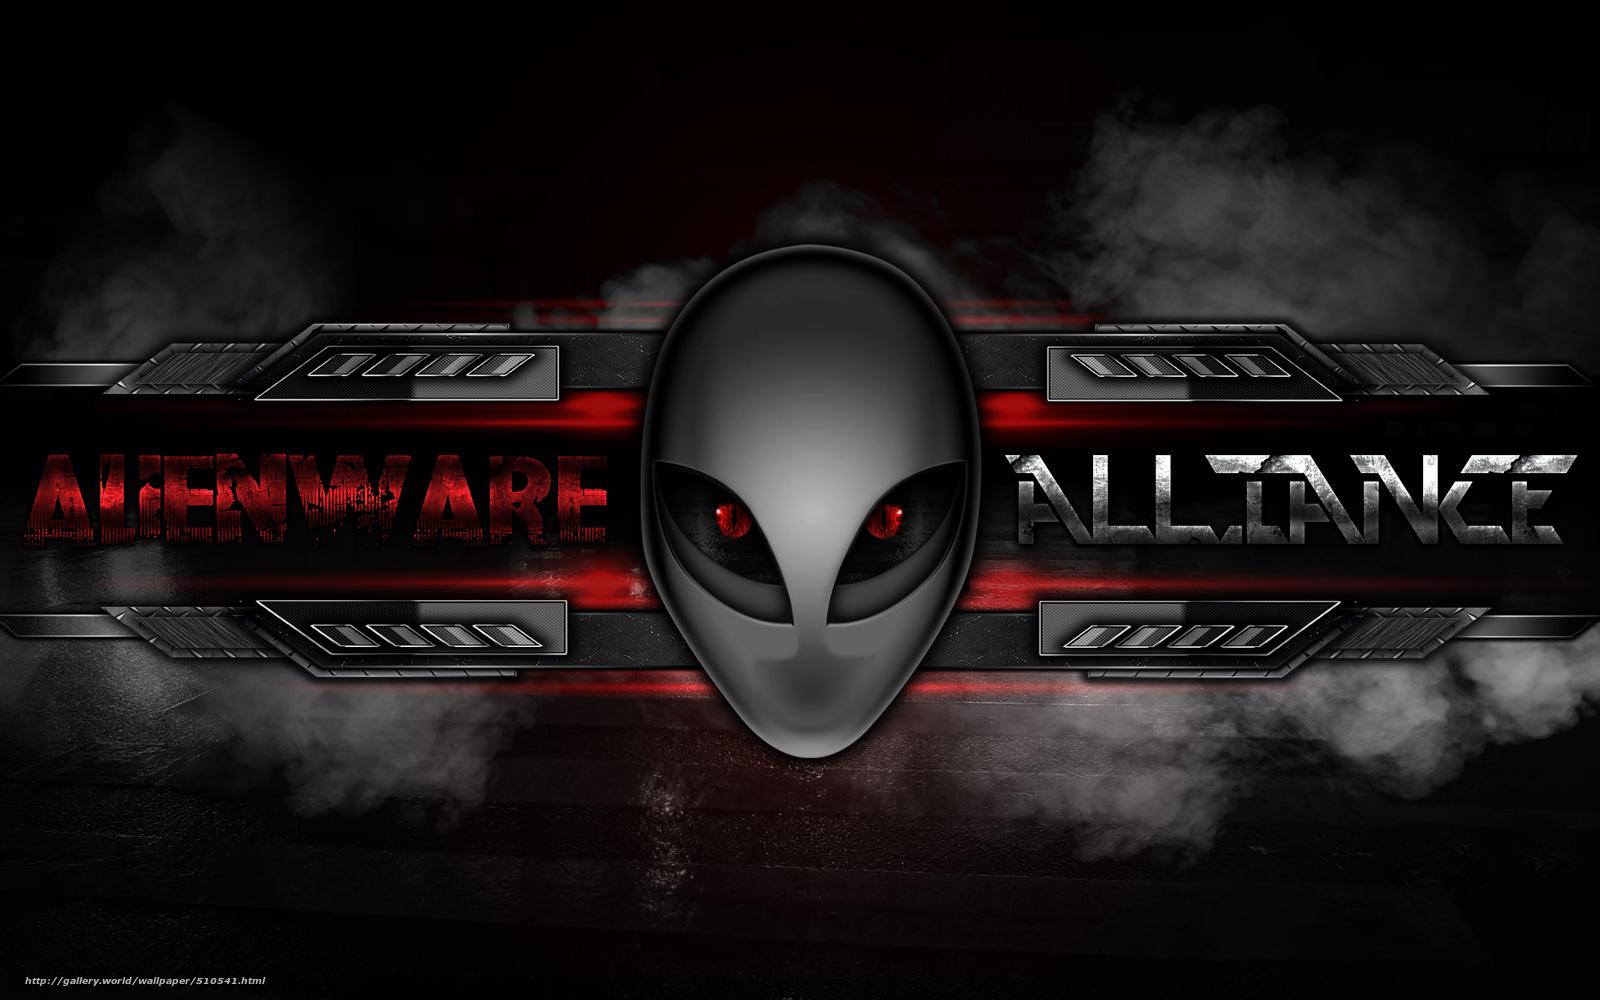 壁紙をダウンロード Alienwareの 提携 3d デスクトップの解像度のための無料壁紙 2560x1600 絵